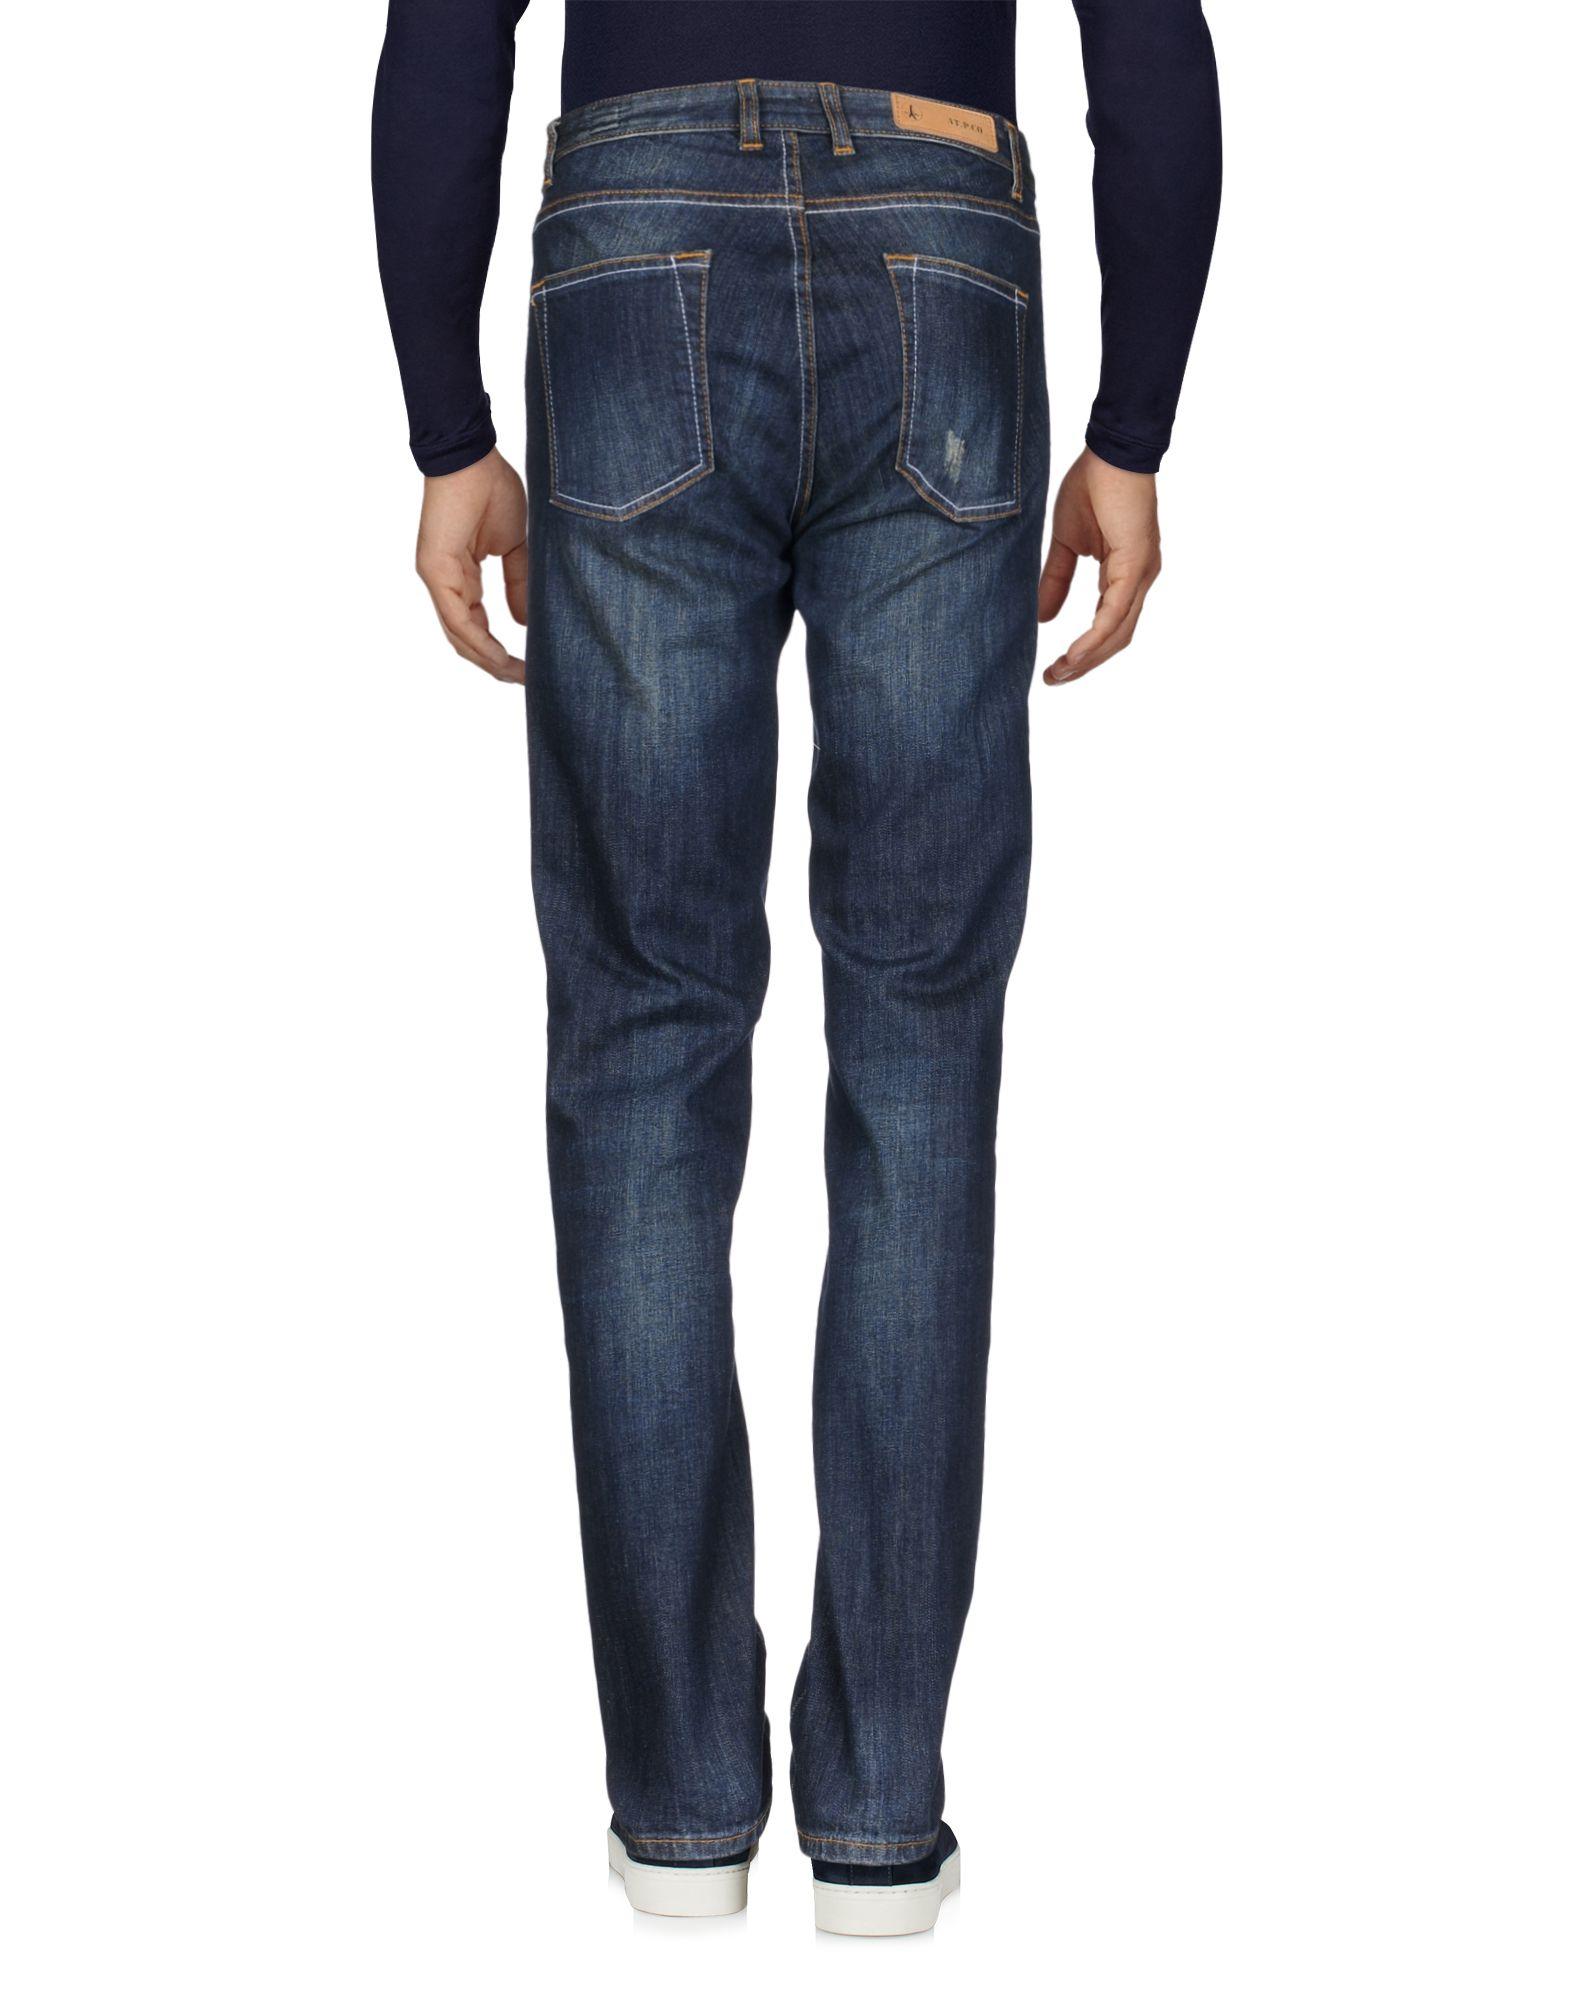 Pantaloni Jeans Jeans Pantaloni At.P.Co Uomo - 42683382JT 688f24